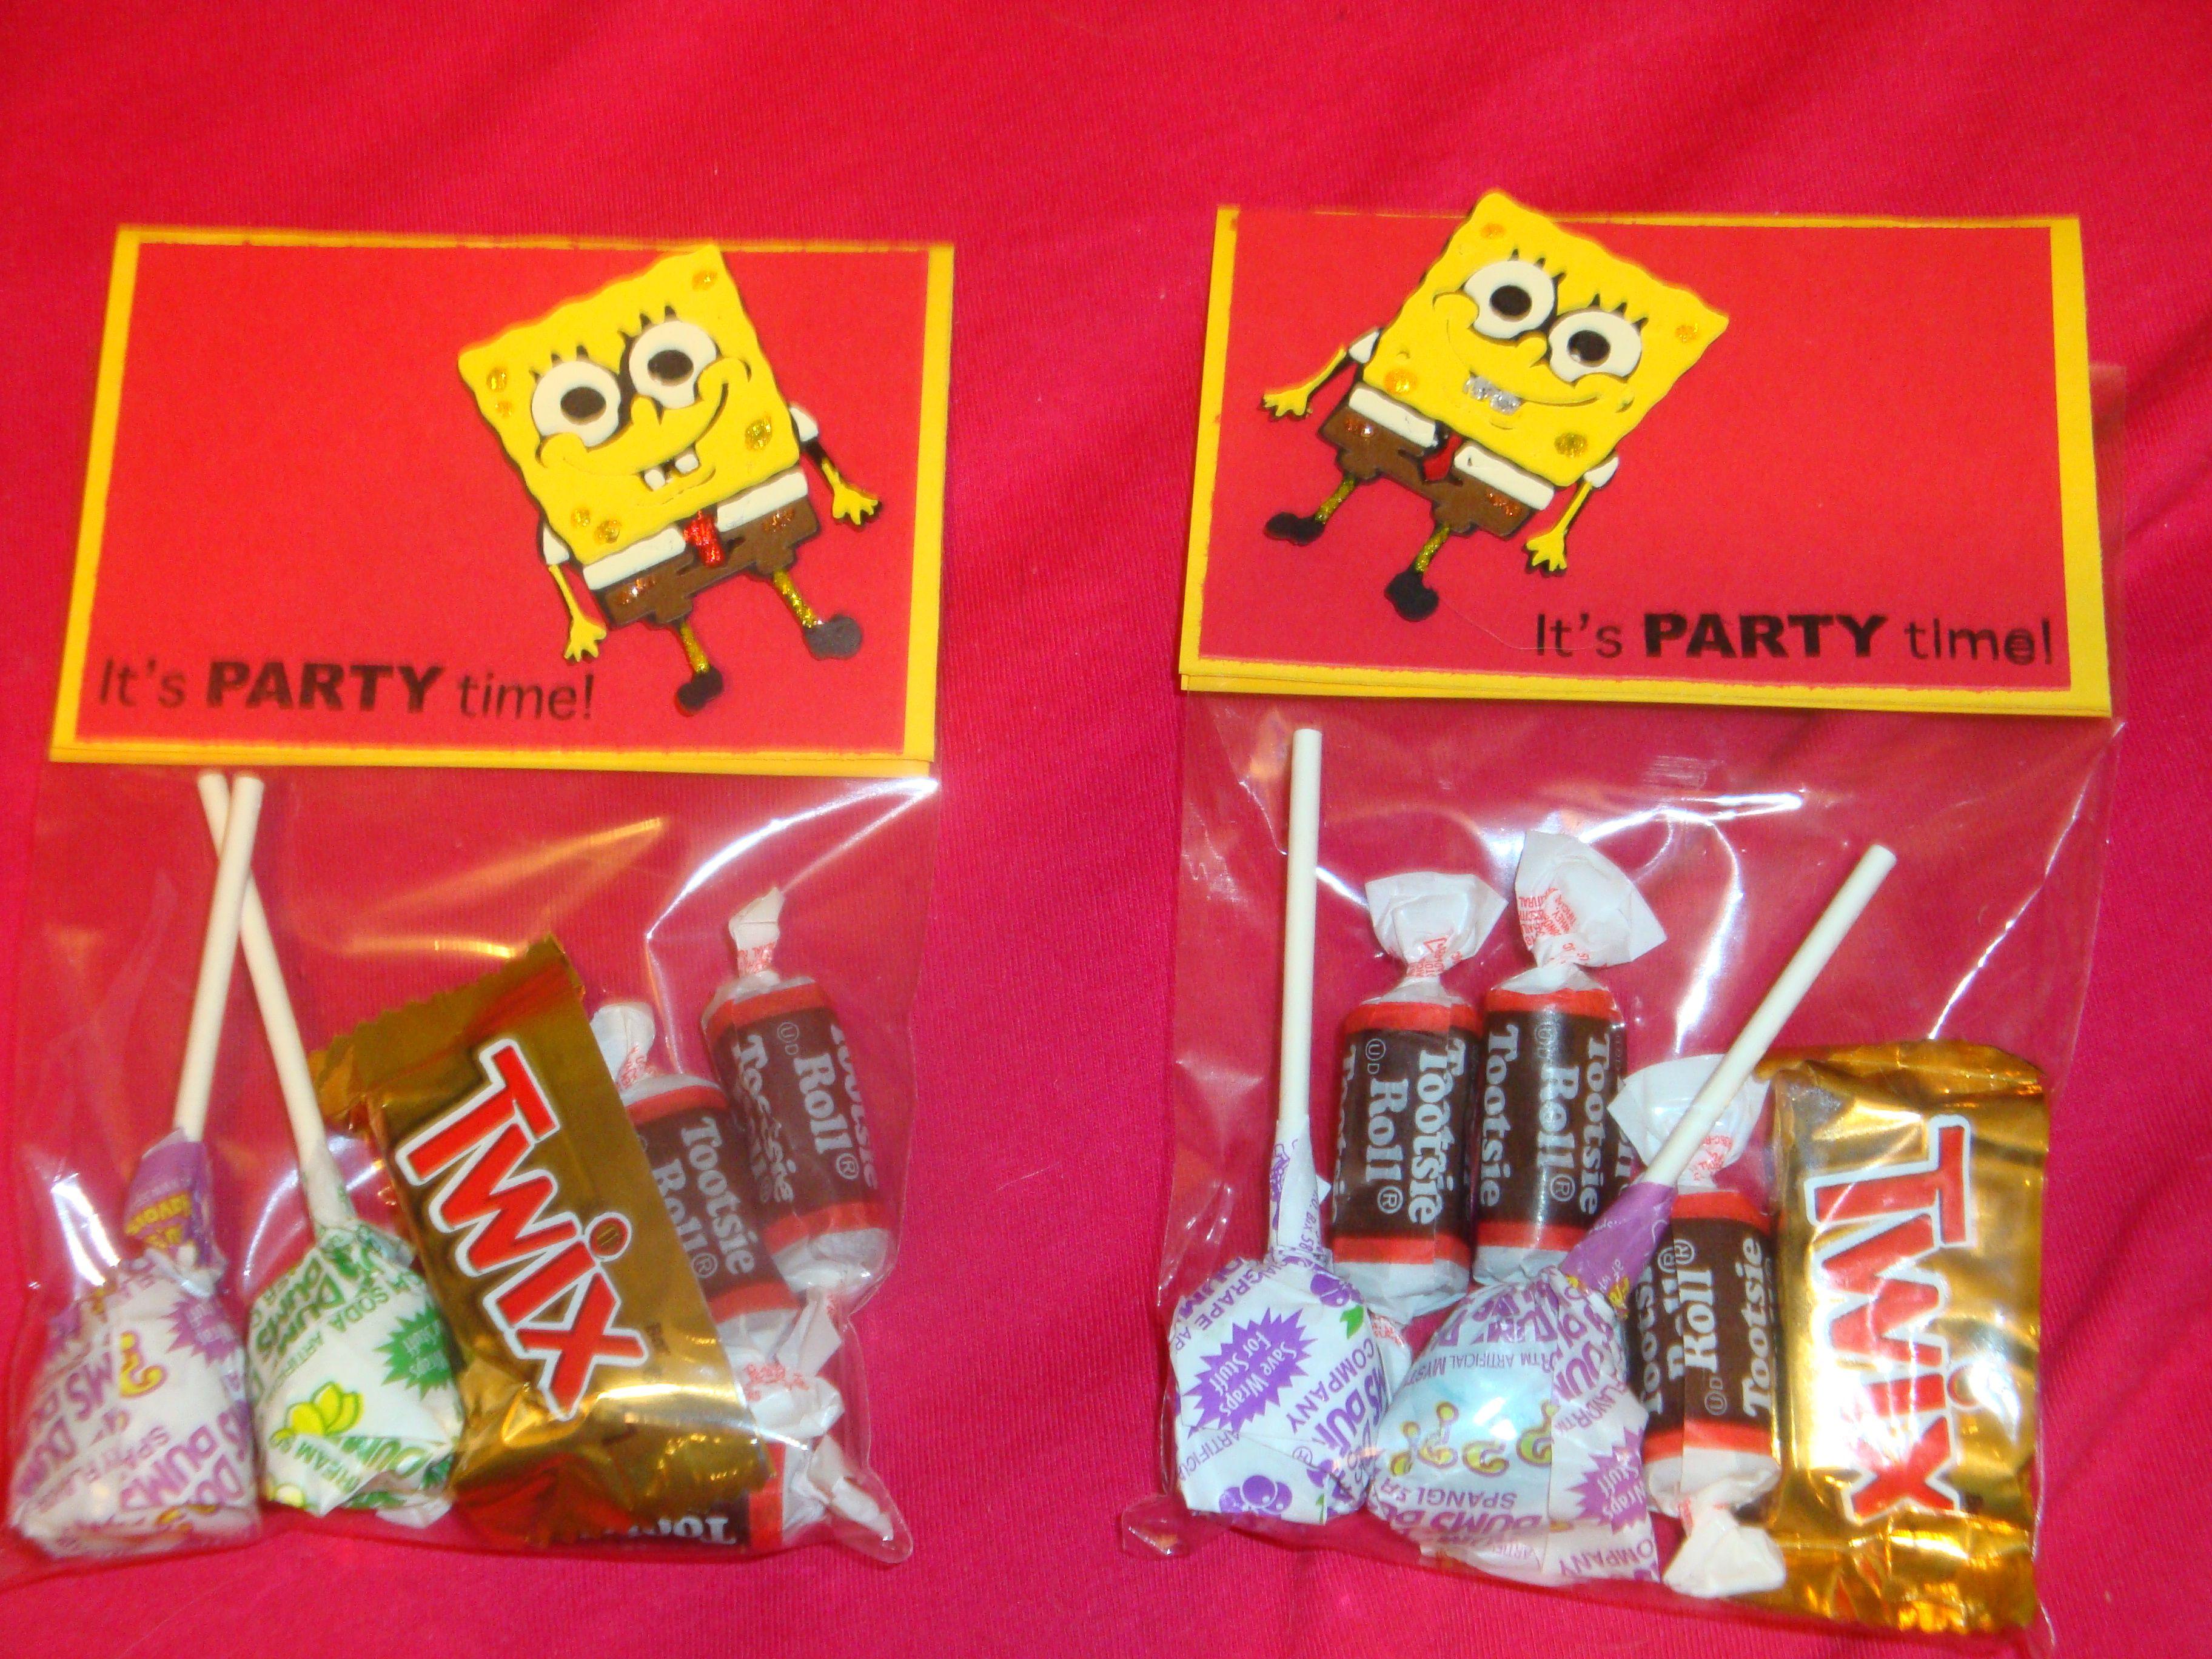 Spongebob Party Favors   Spongebob Party Ideas   Pinterest ...